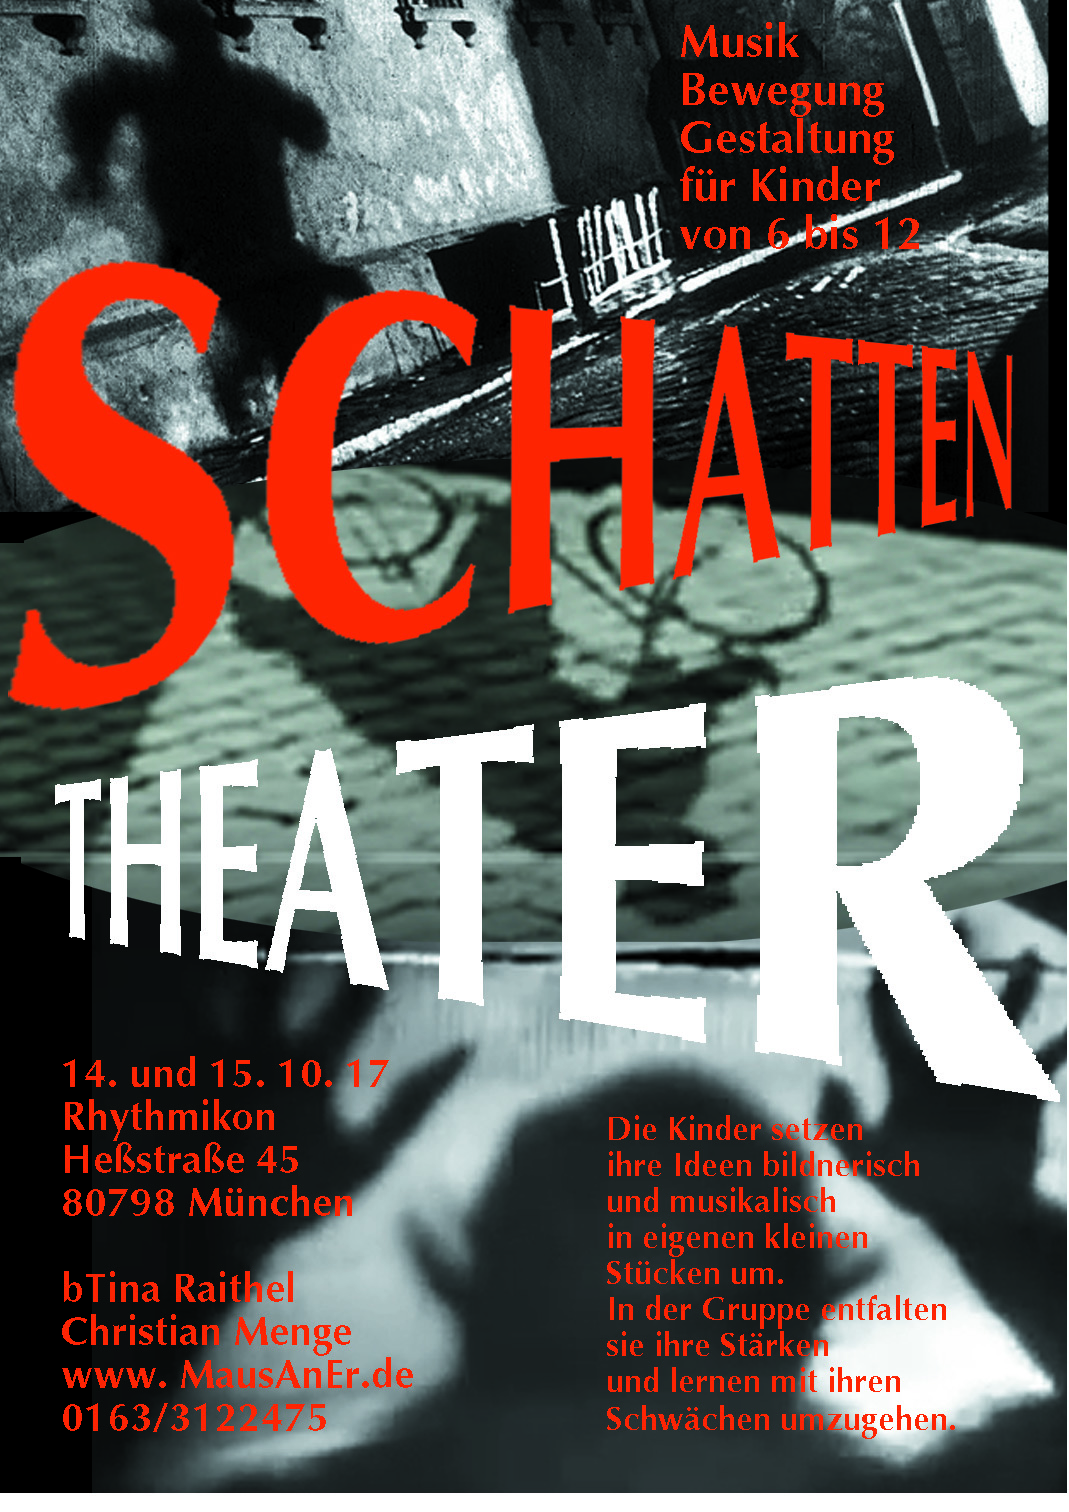 schattentheater10_17